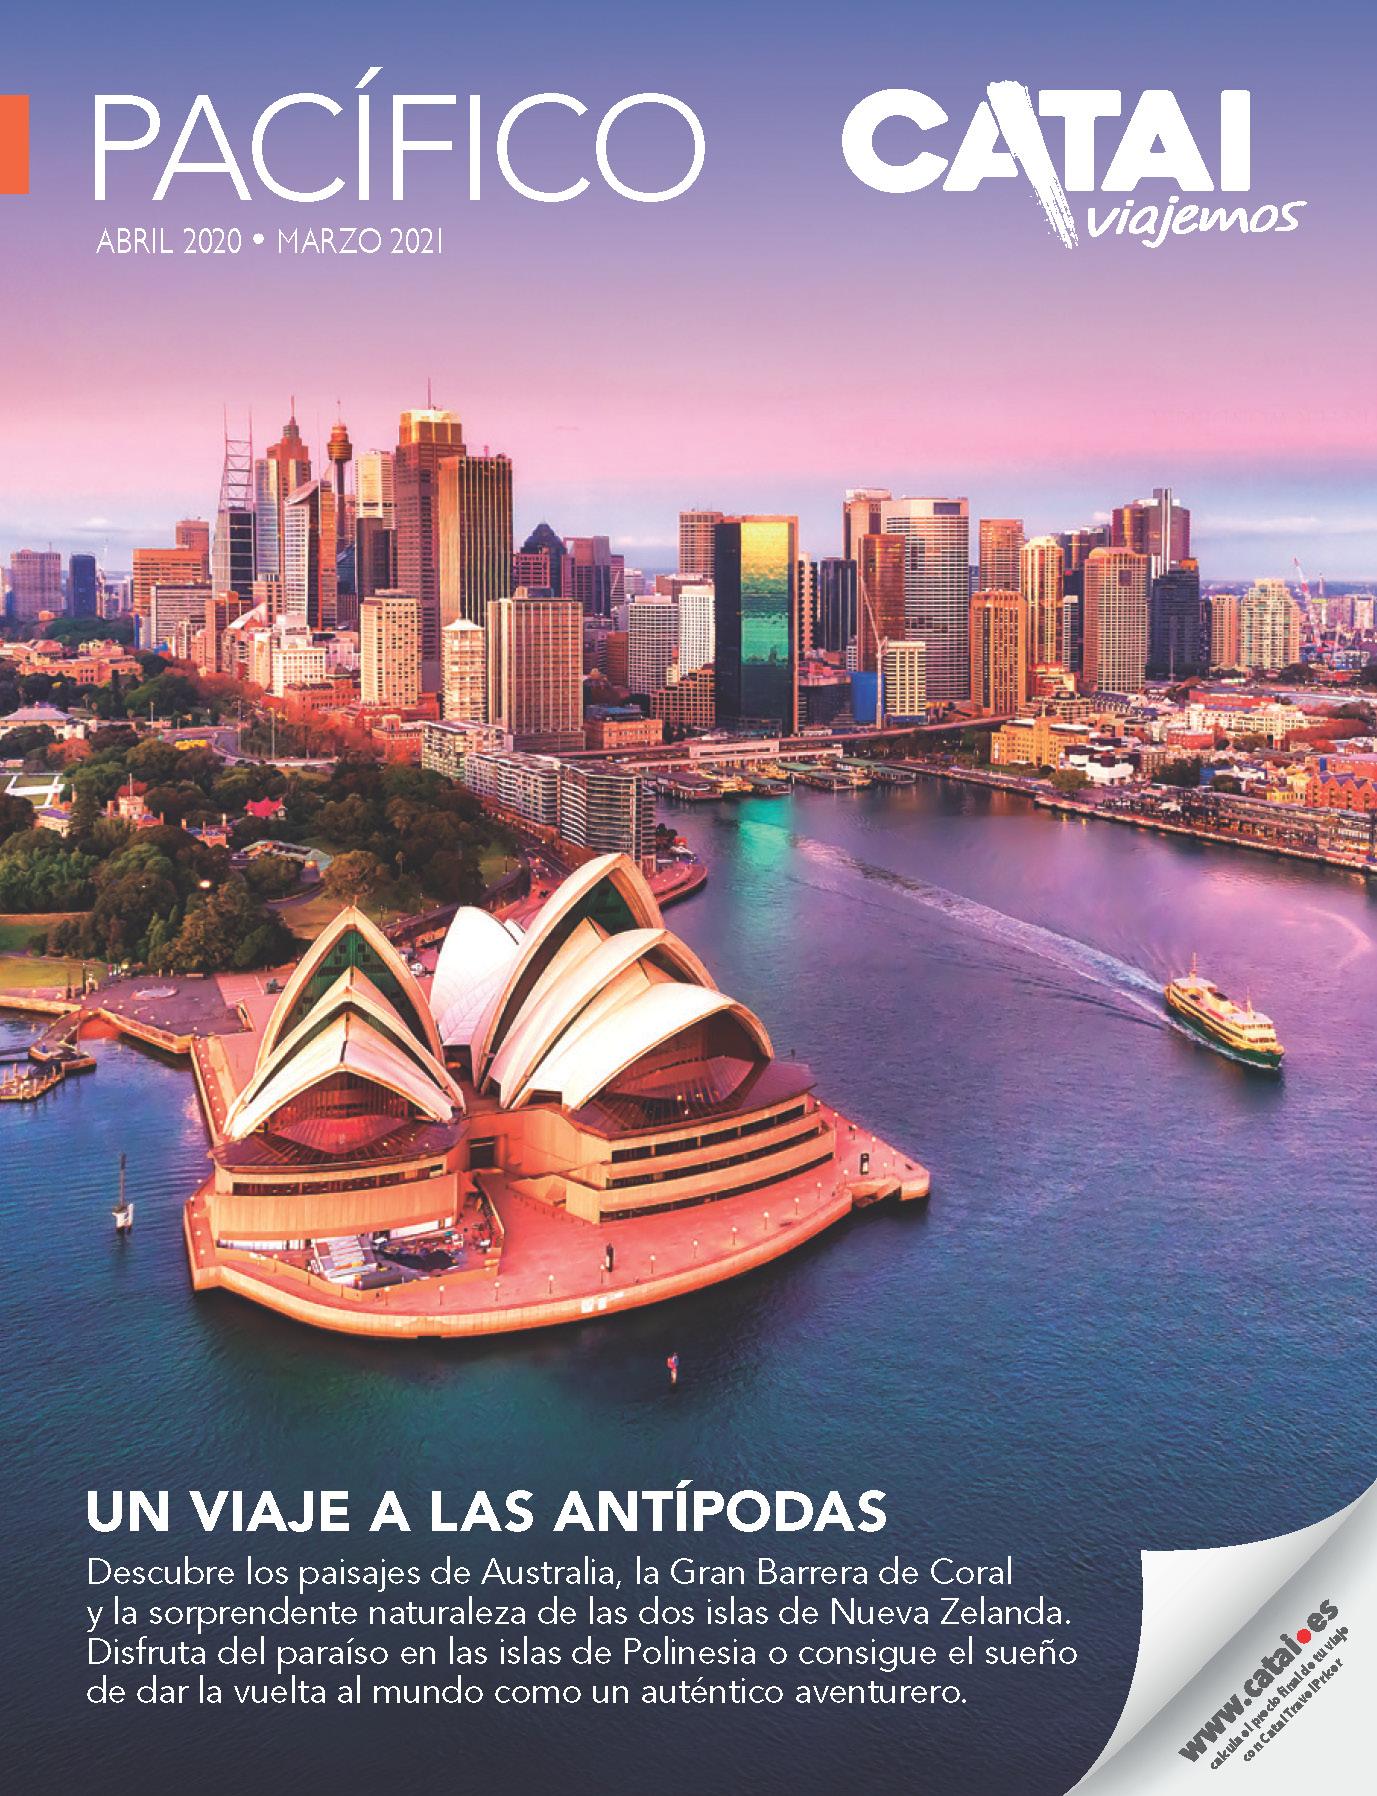 Catalogo Catai Pacifico 2020-2021